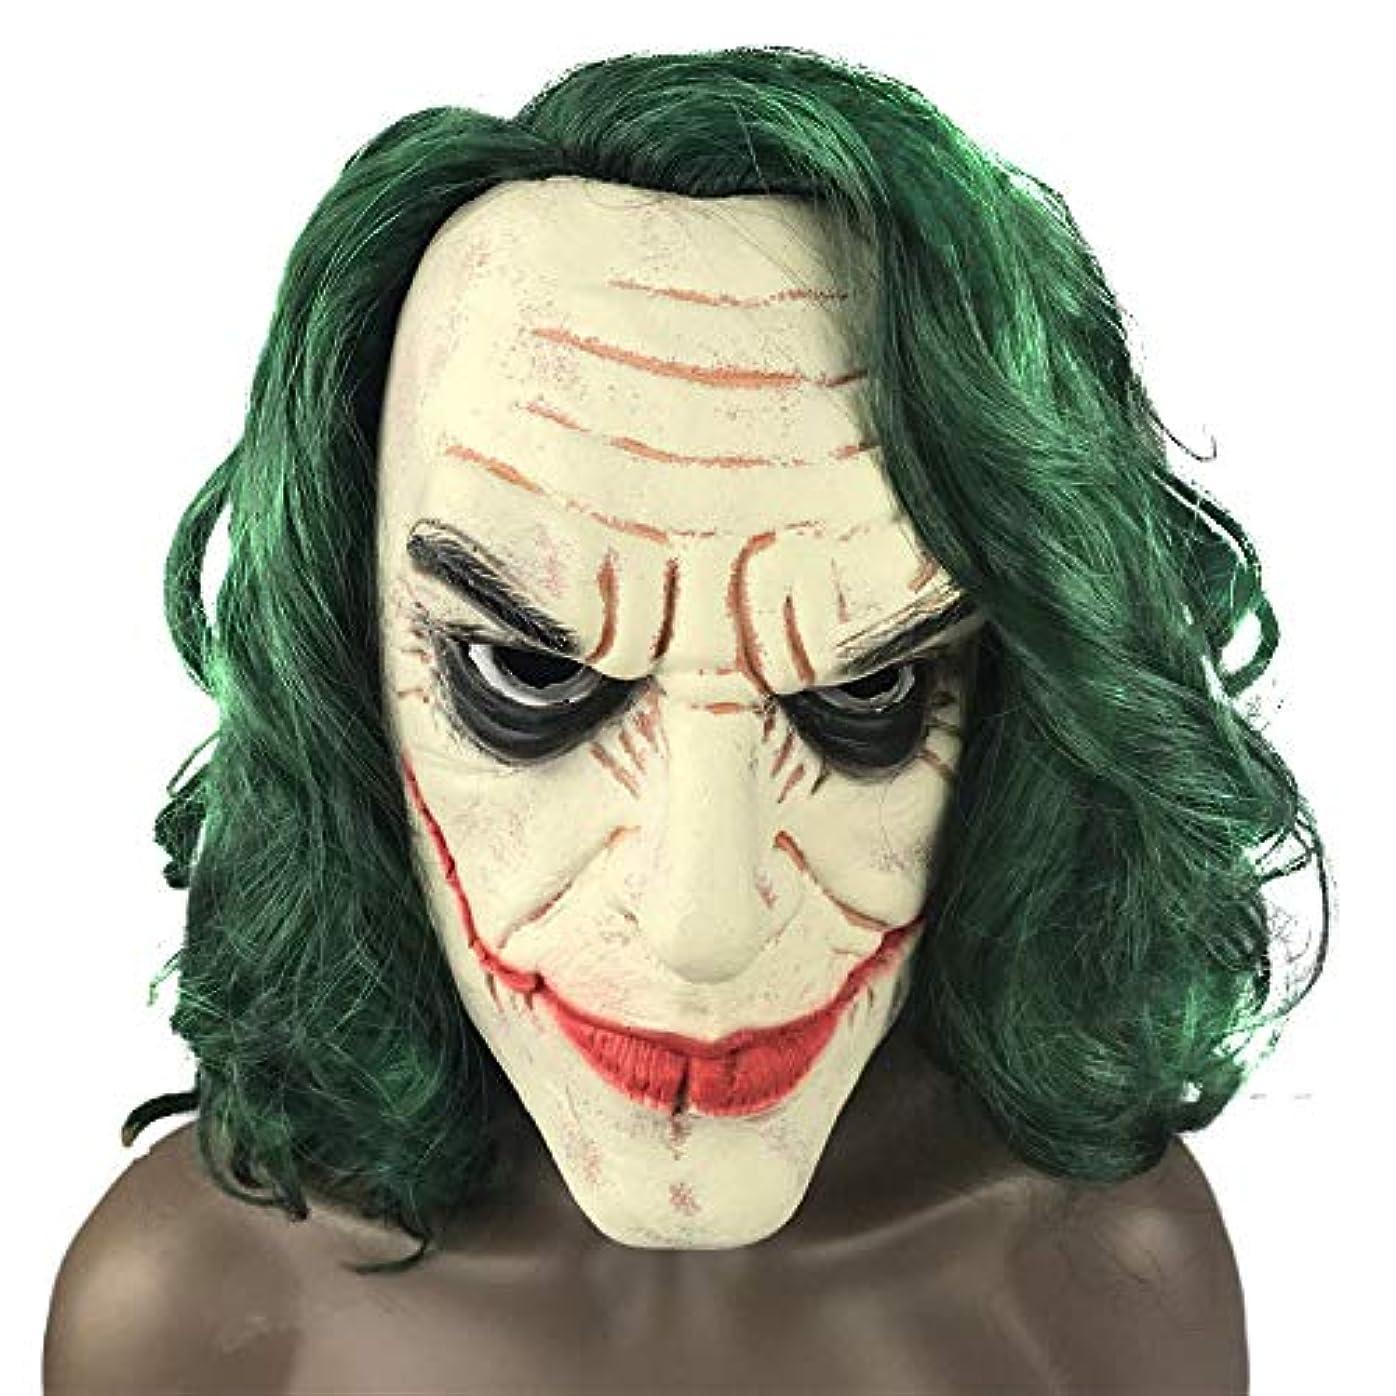 バットマンピエロマスク男性ホラーボールCosドレスアップハロウィーンダークナイト映画ラテックスマスク